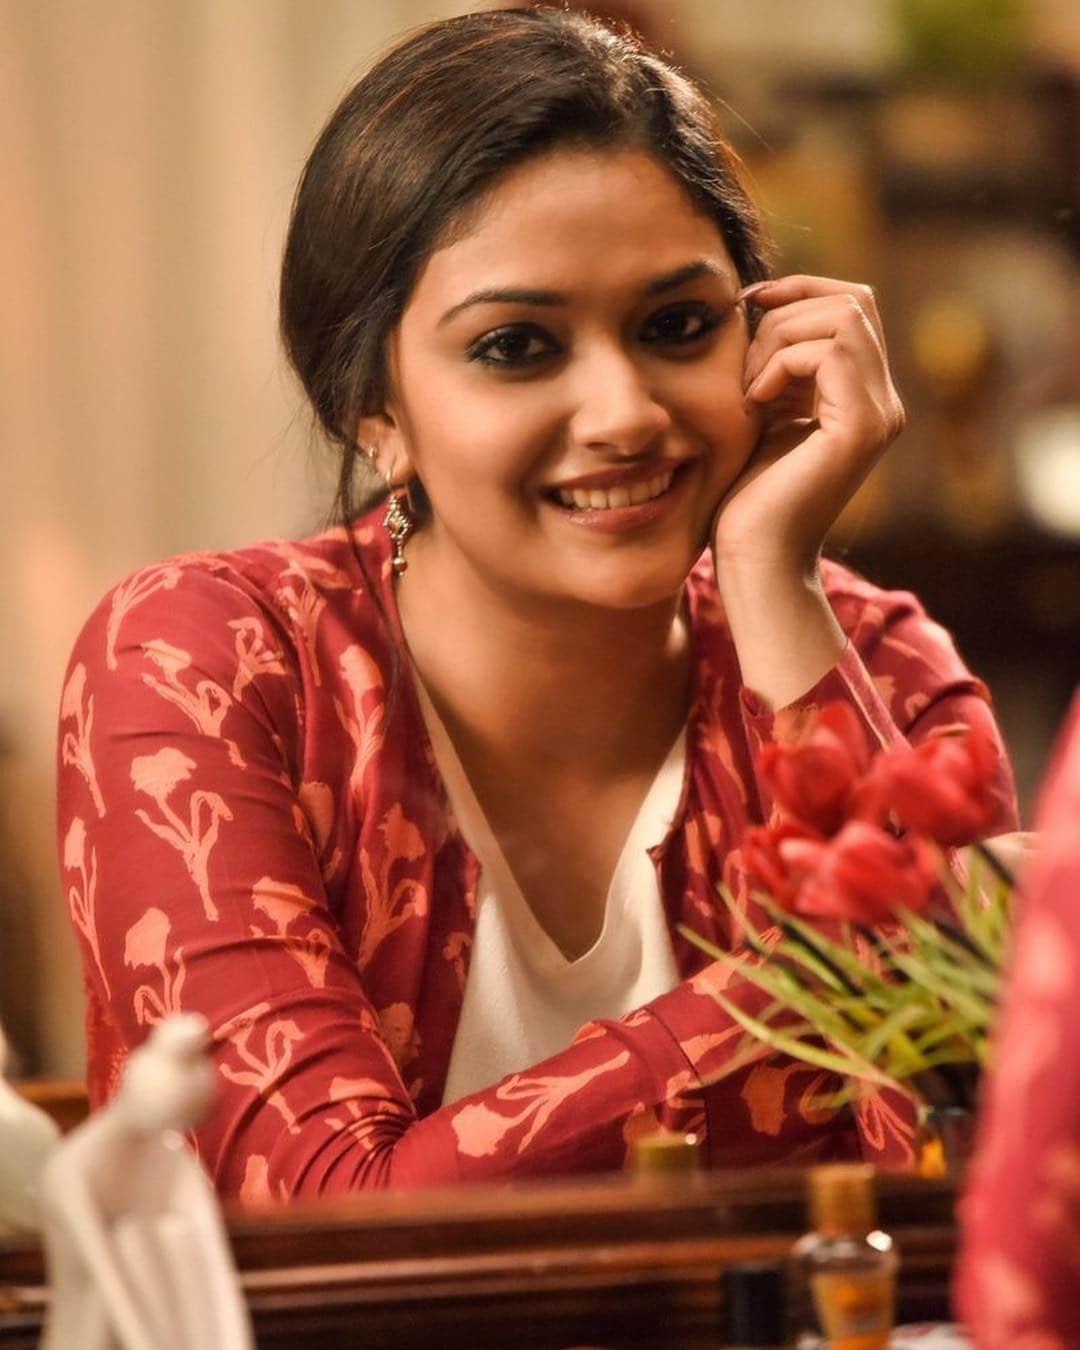 இணையத்தை கலக்கும் நடிகை கீர்த்தி சுரேஷ் ( photo : instagram )